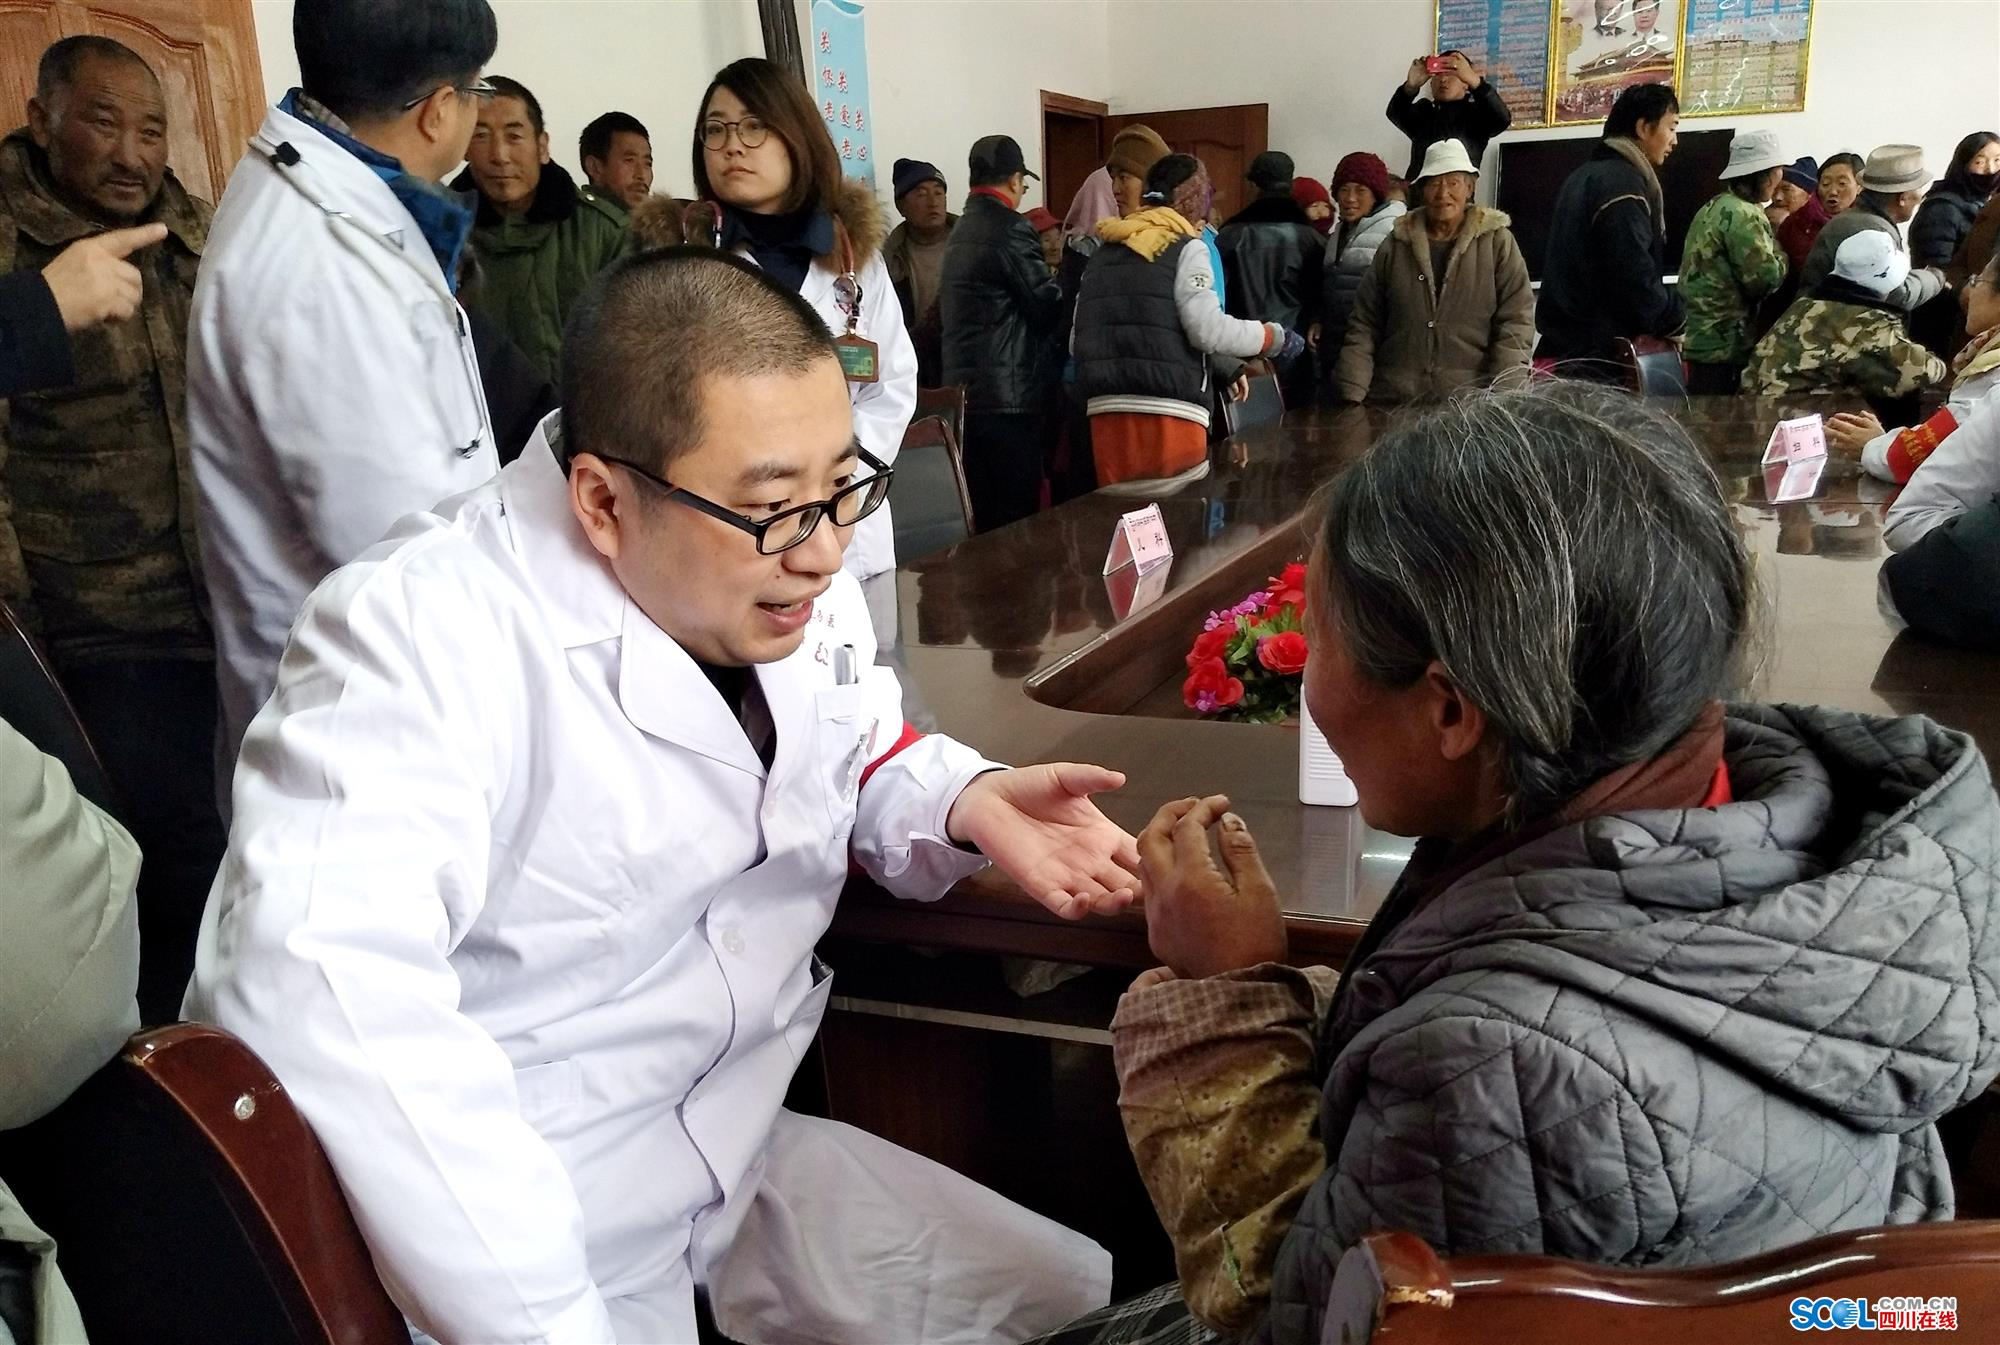 罗江县人民医院赴藏区为当地百姓开展巡回义诊